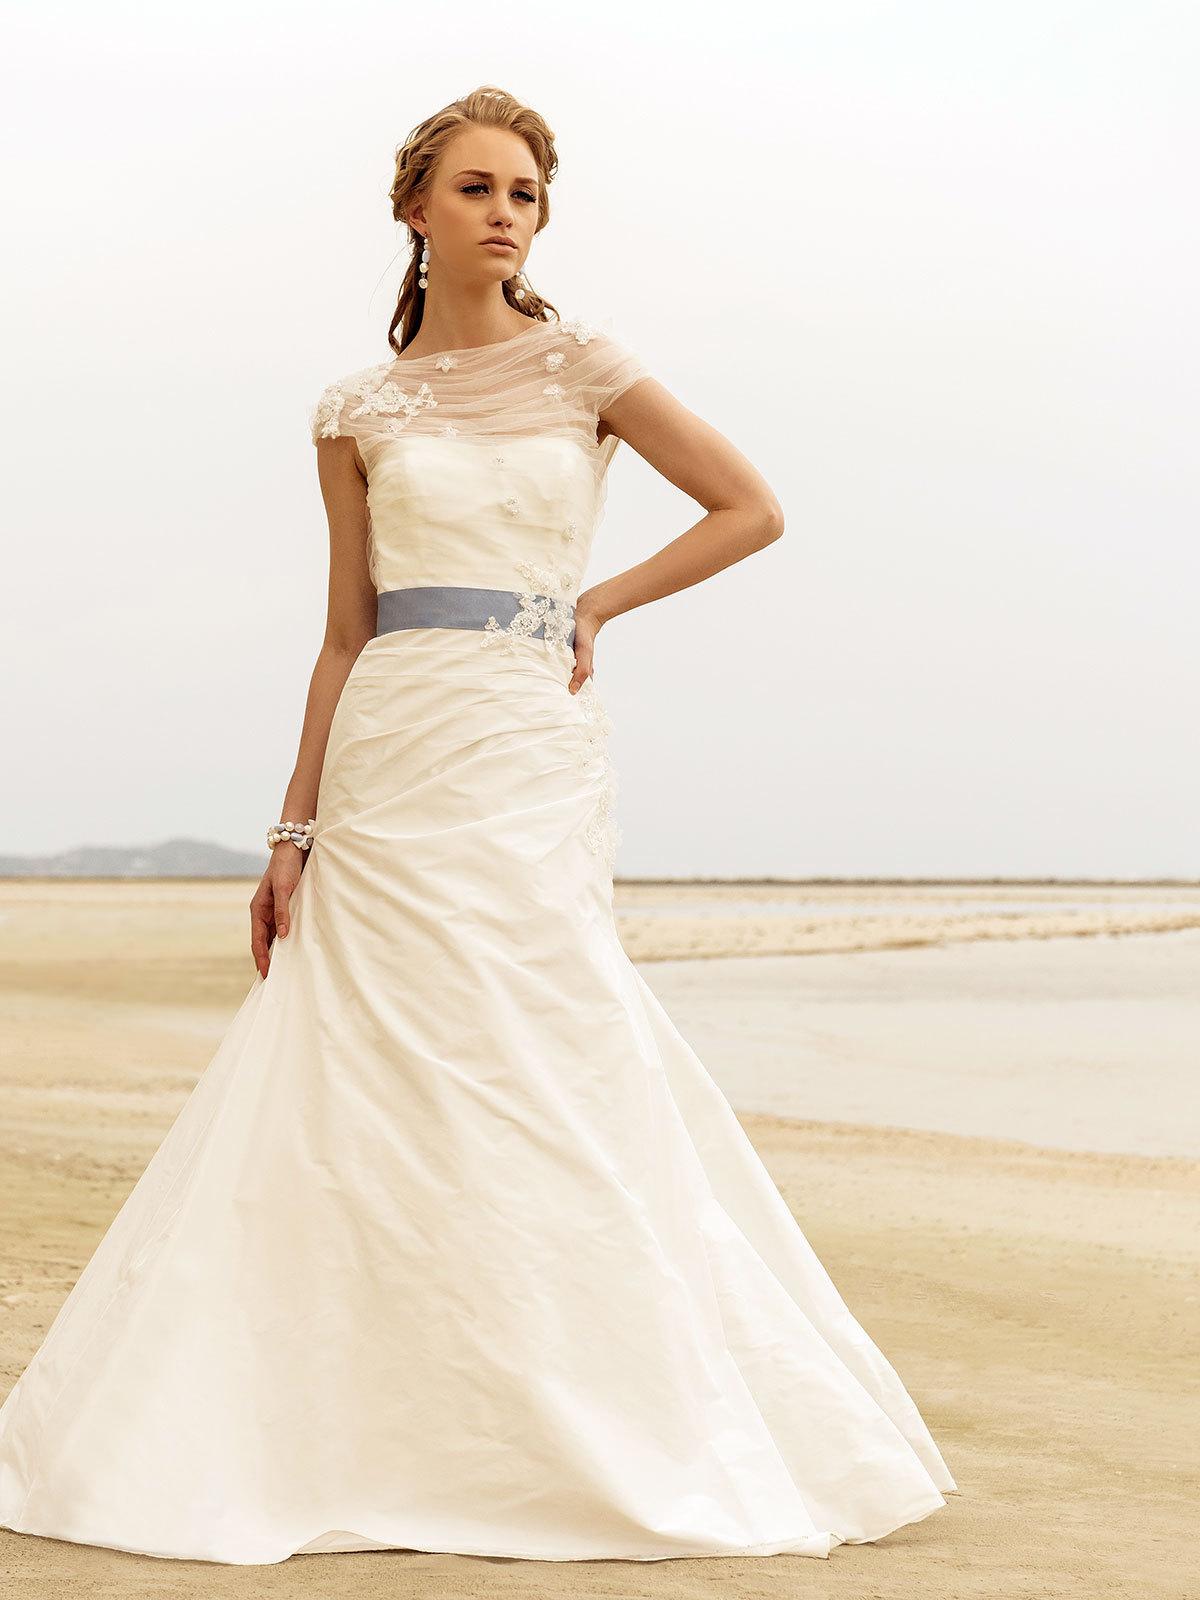 Brautkleid Emilia von Rembo Styling auf Jade